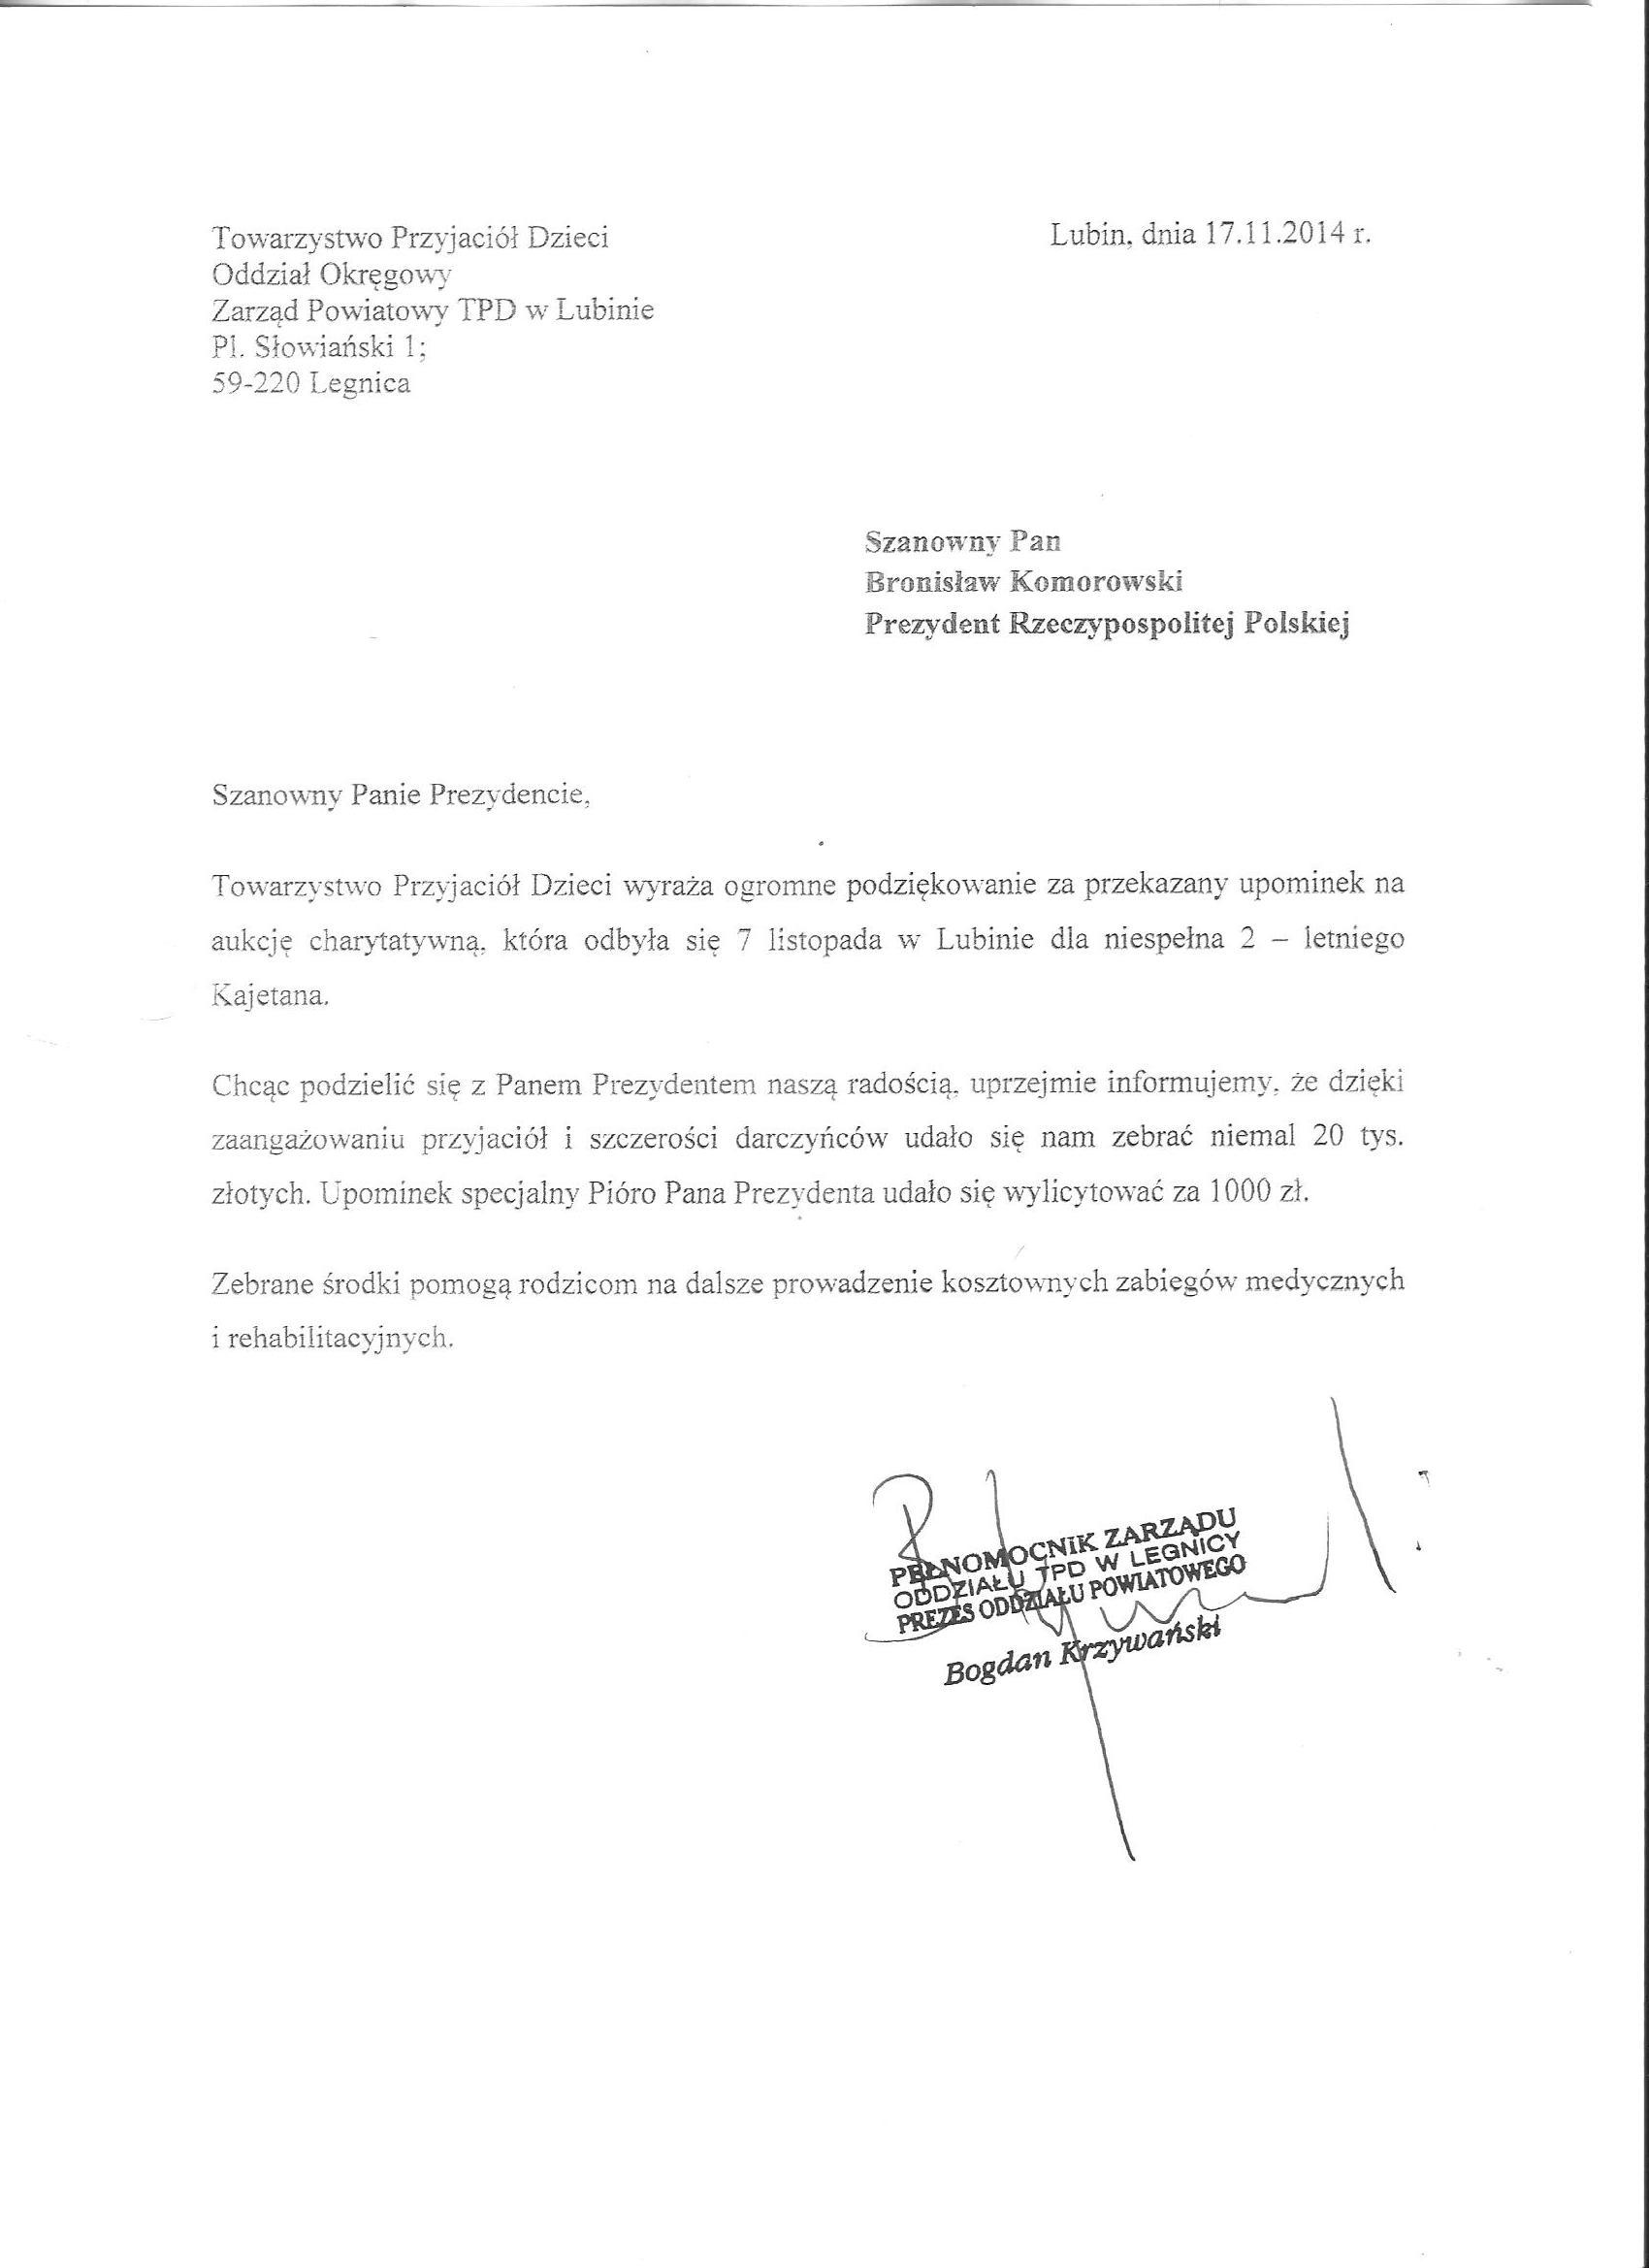 kajtek_podziekowanie_dla_prezydenta